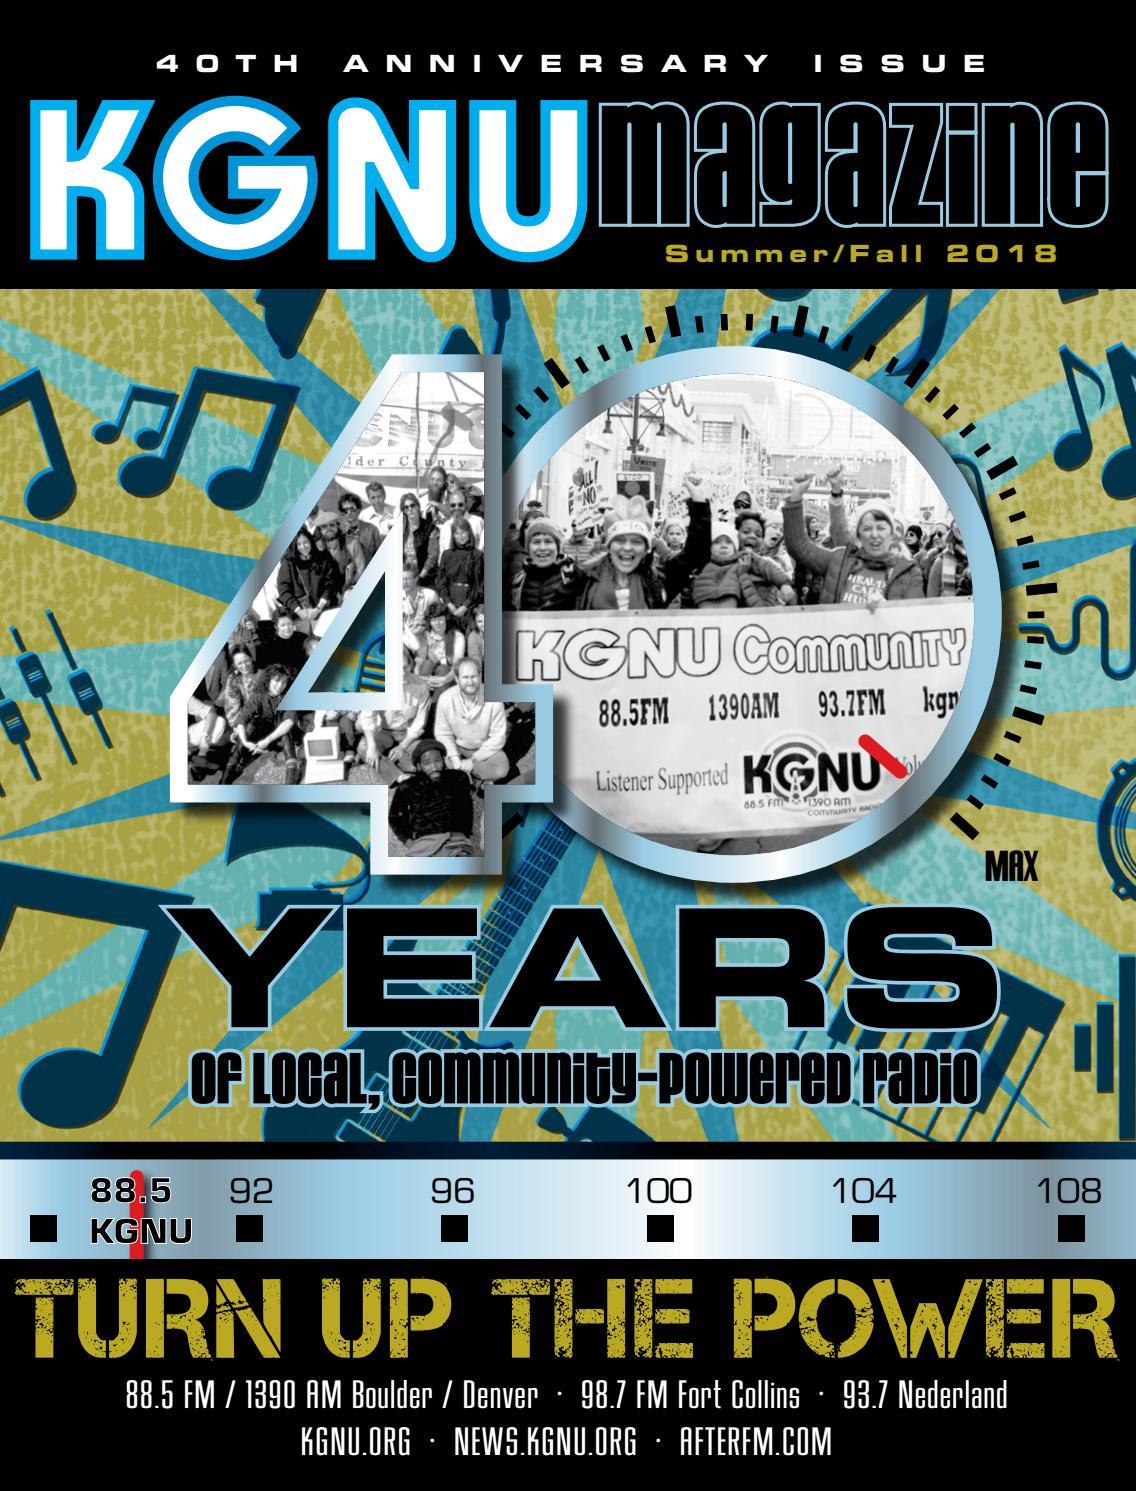 KGNU Magazine: 40th Anniversary Issue by KGNU AM/FM (Denver ...